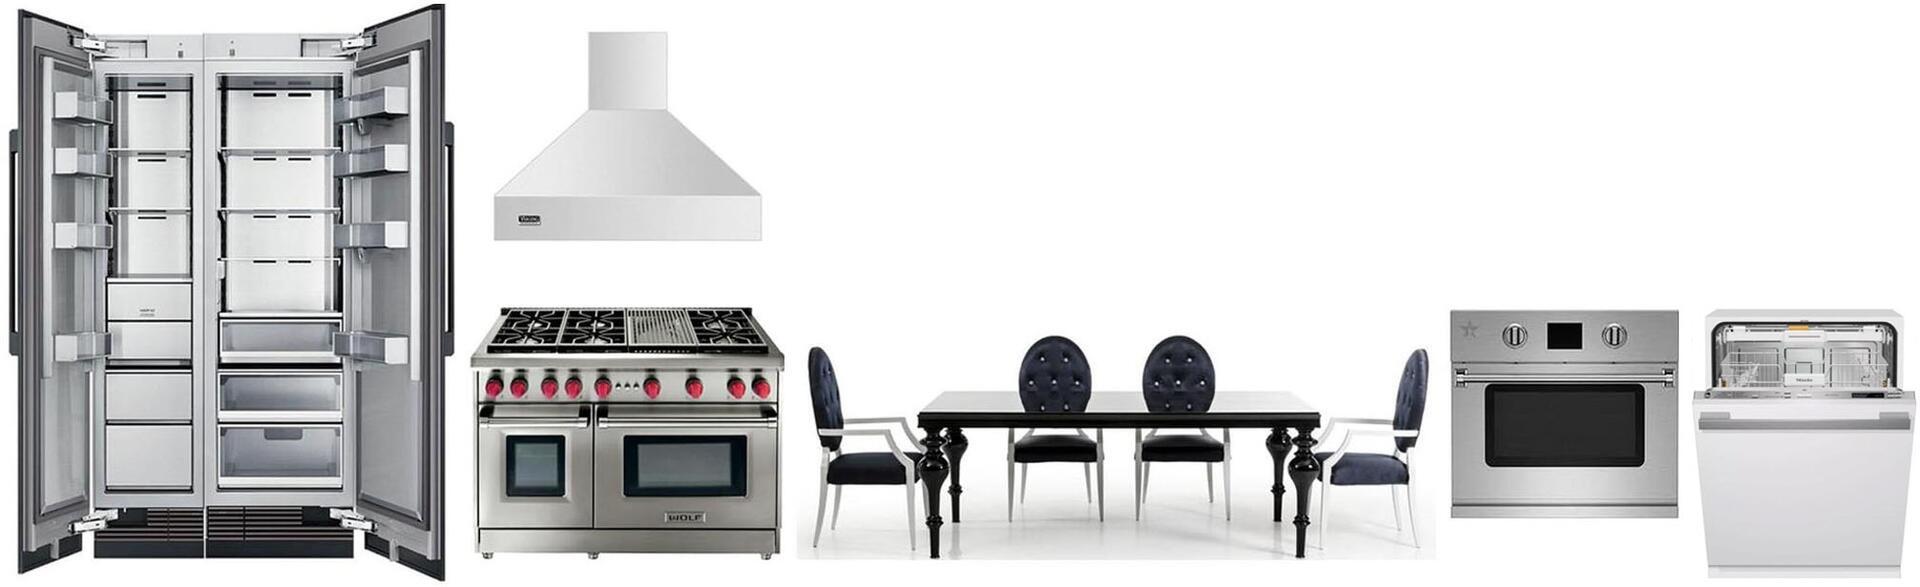 Appliances Connection Picks Modernist main image